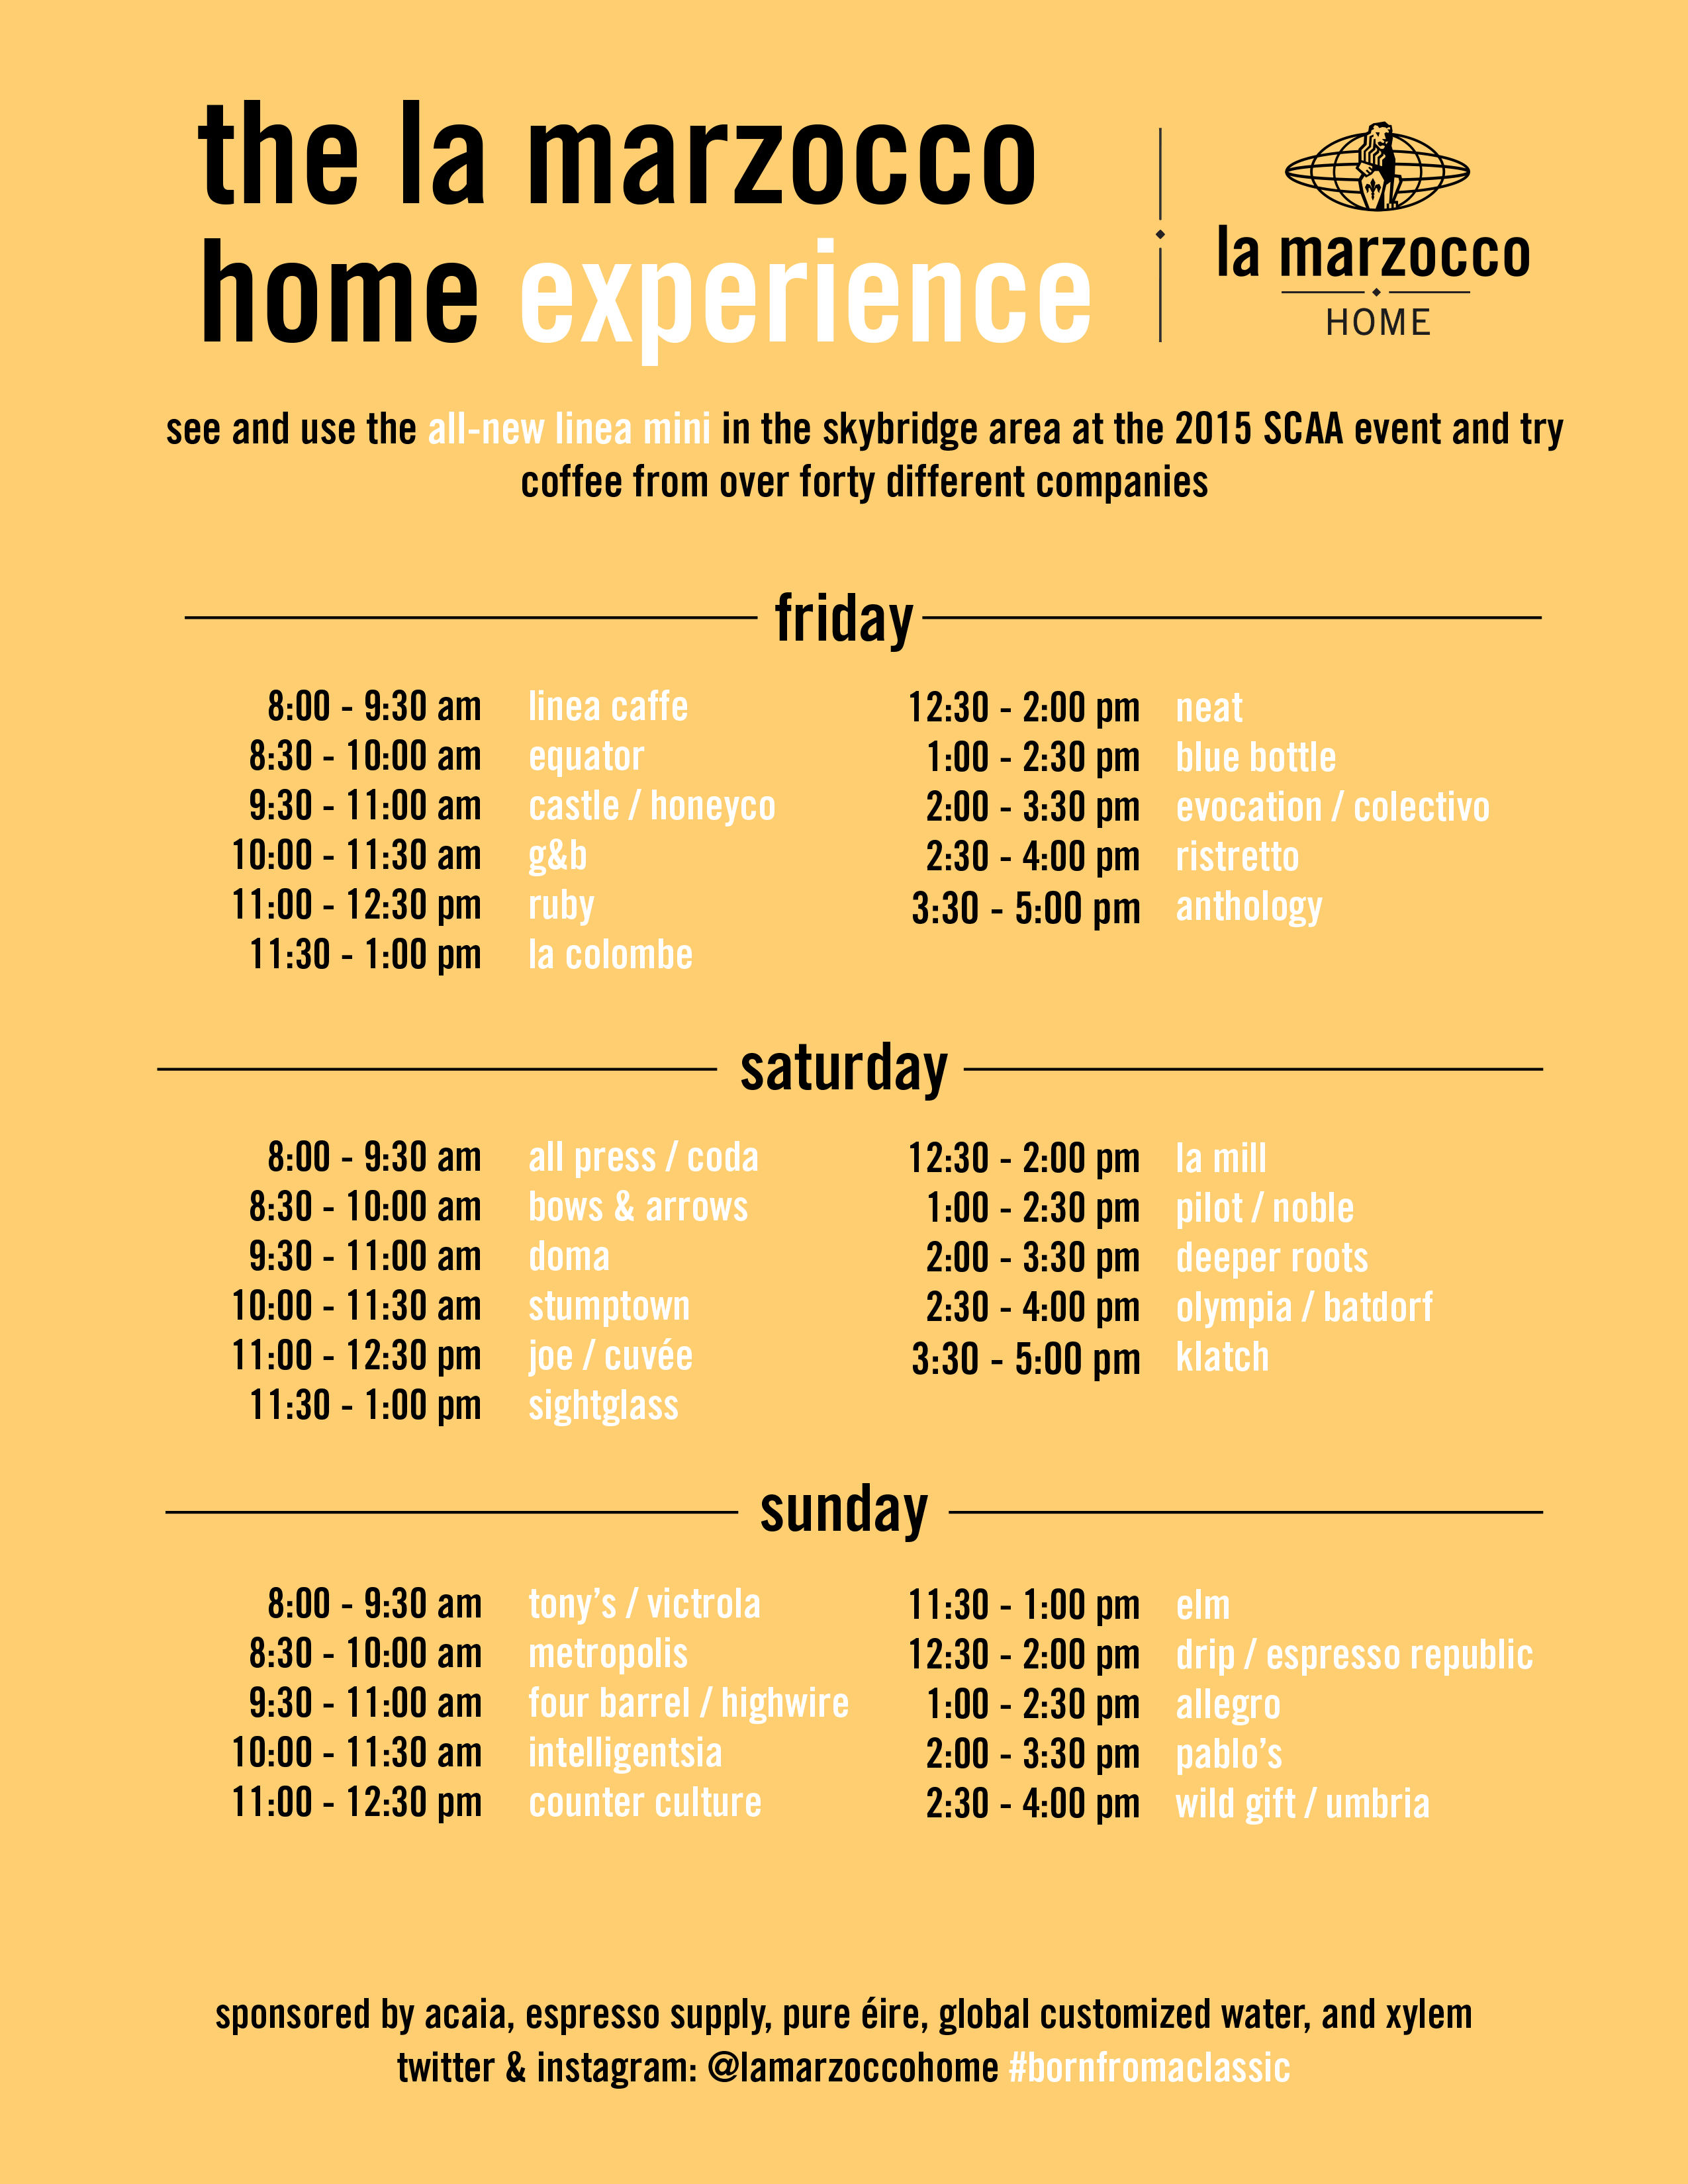 La Marzocco Home Experience Schedule